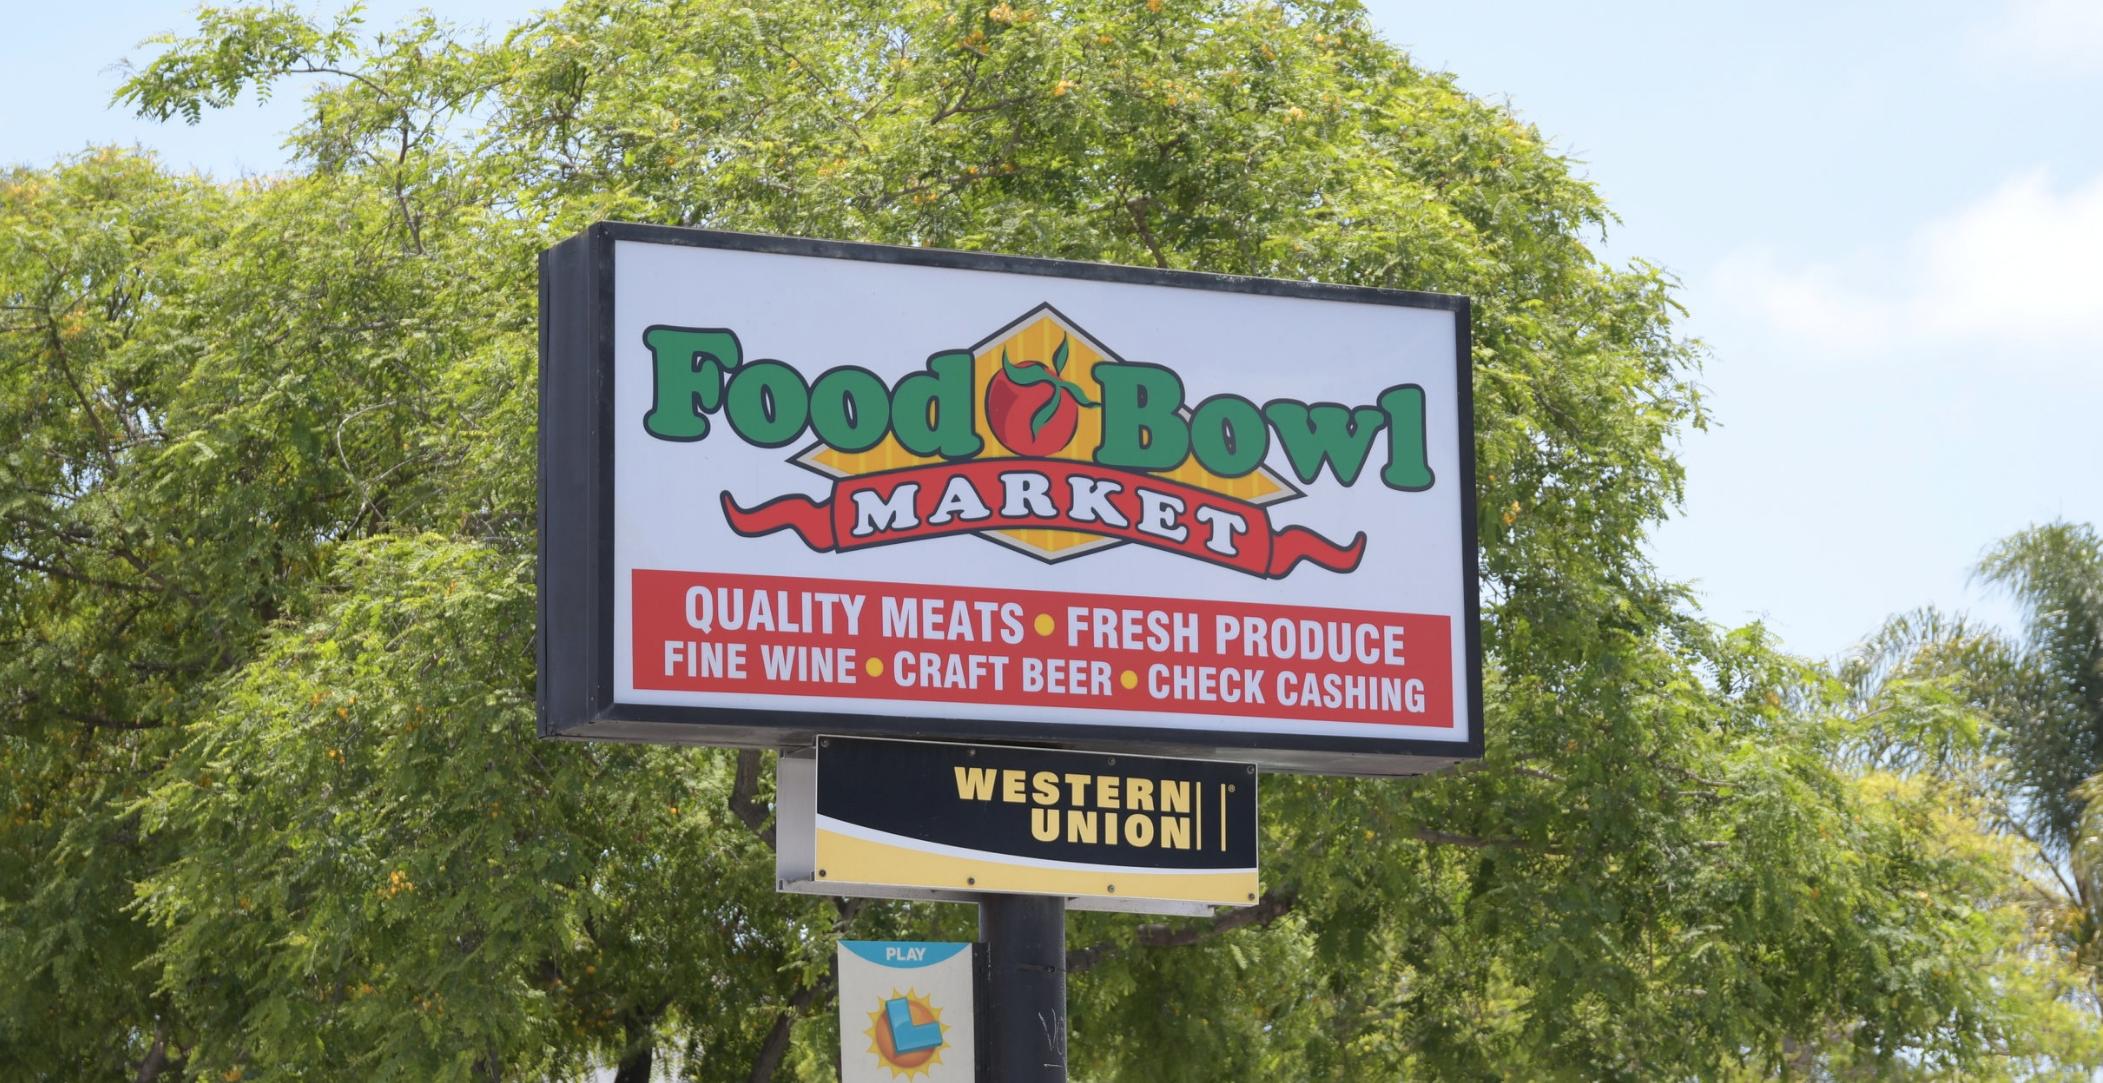 Food Bowl Market & Deli - South Park, San Diego Official Site